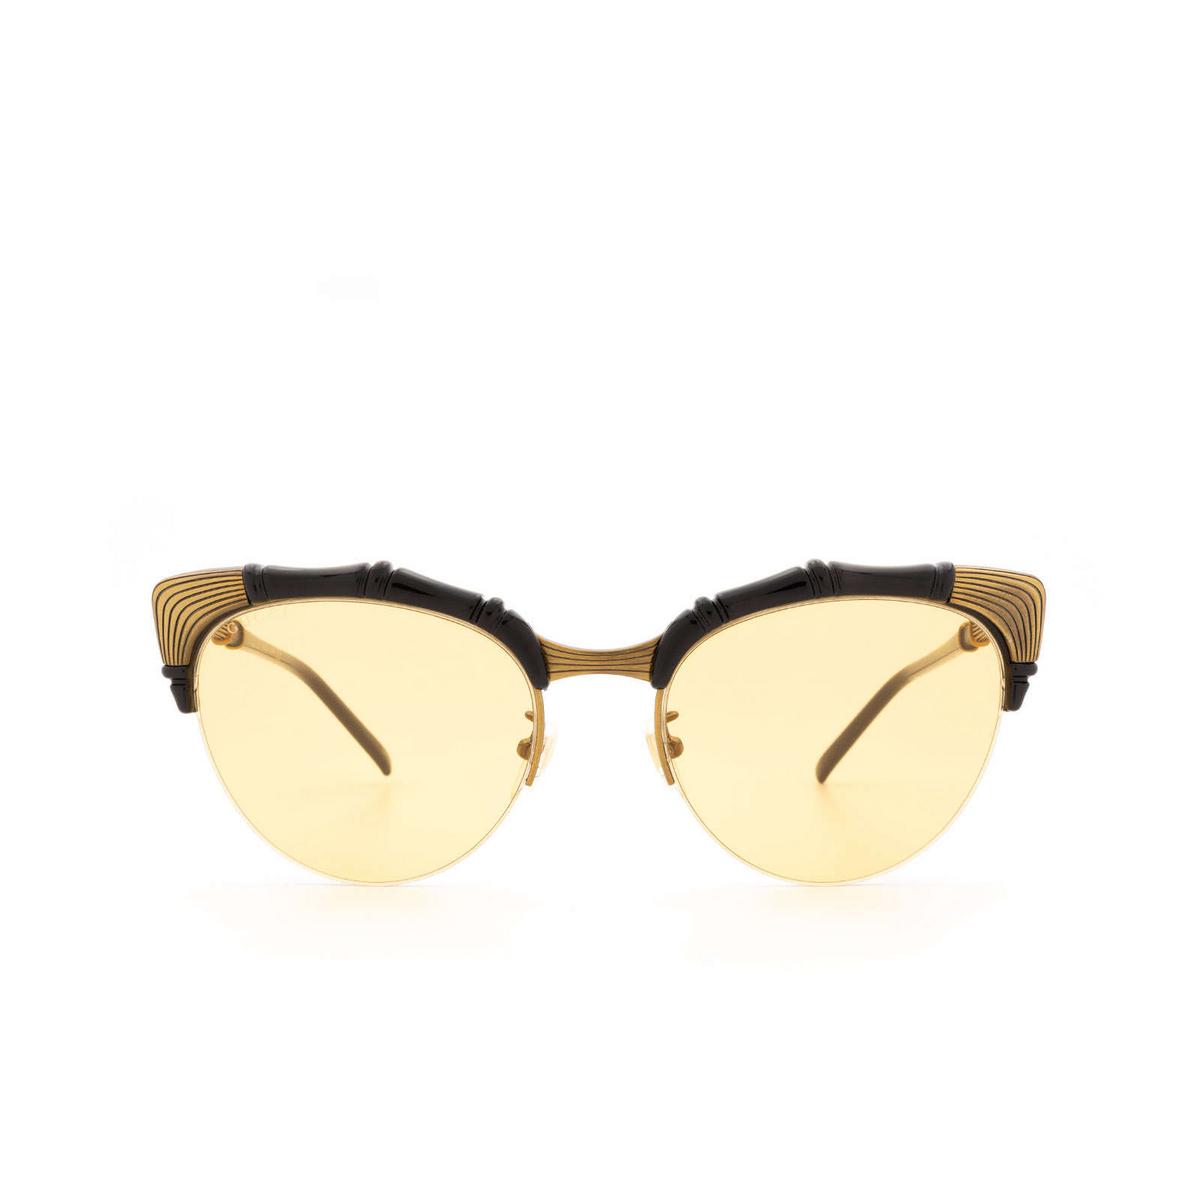 Gucci® Cat-eye Sunglasses: GG0661S color Black 002 - 1/3.